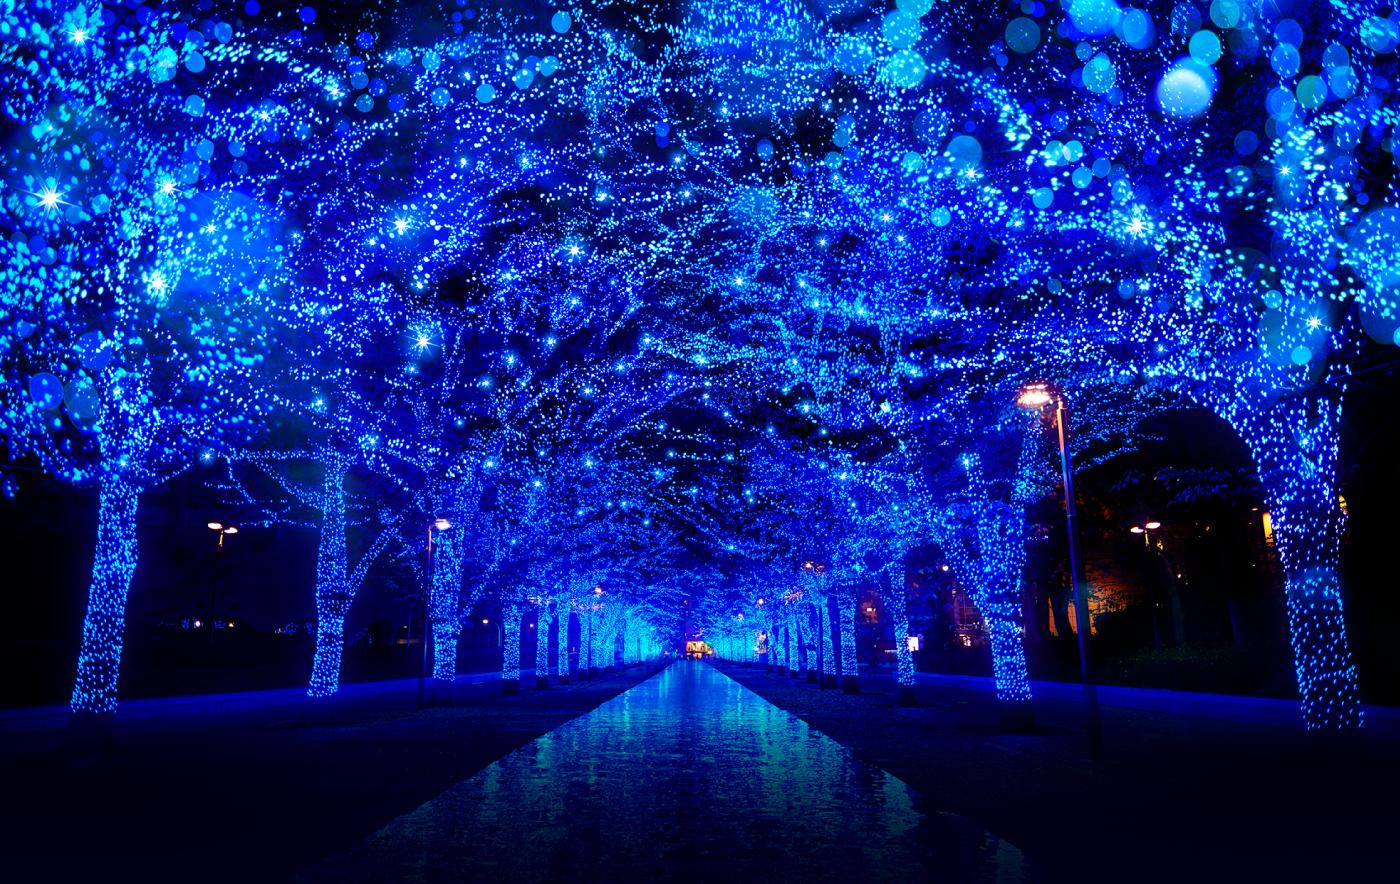 青の洞窟/観光/東京観光/東京観光タクシー/tokyo